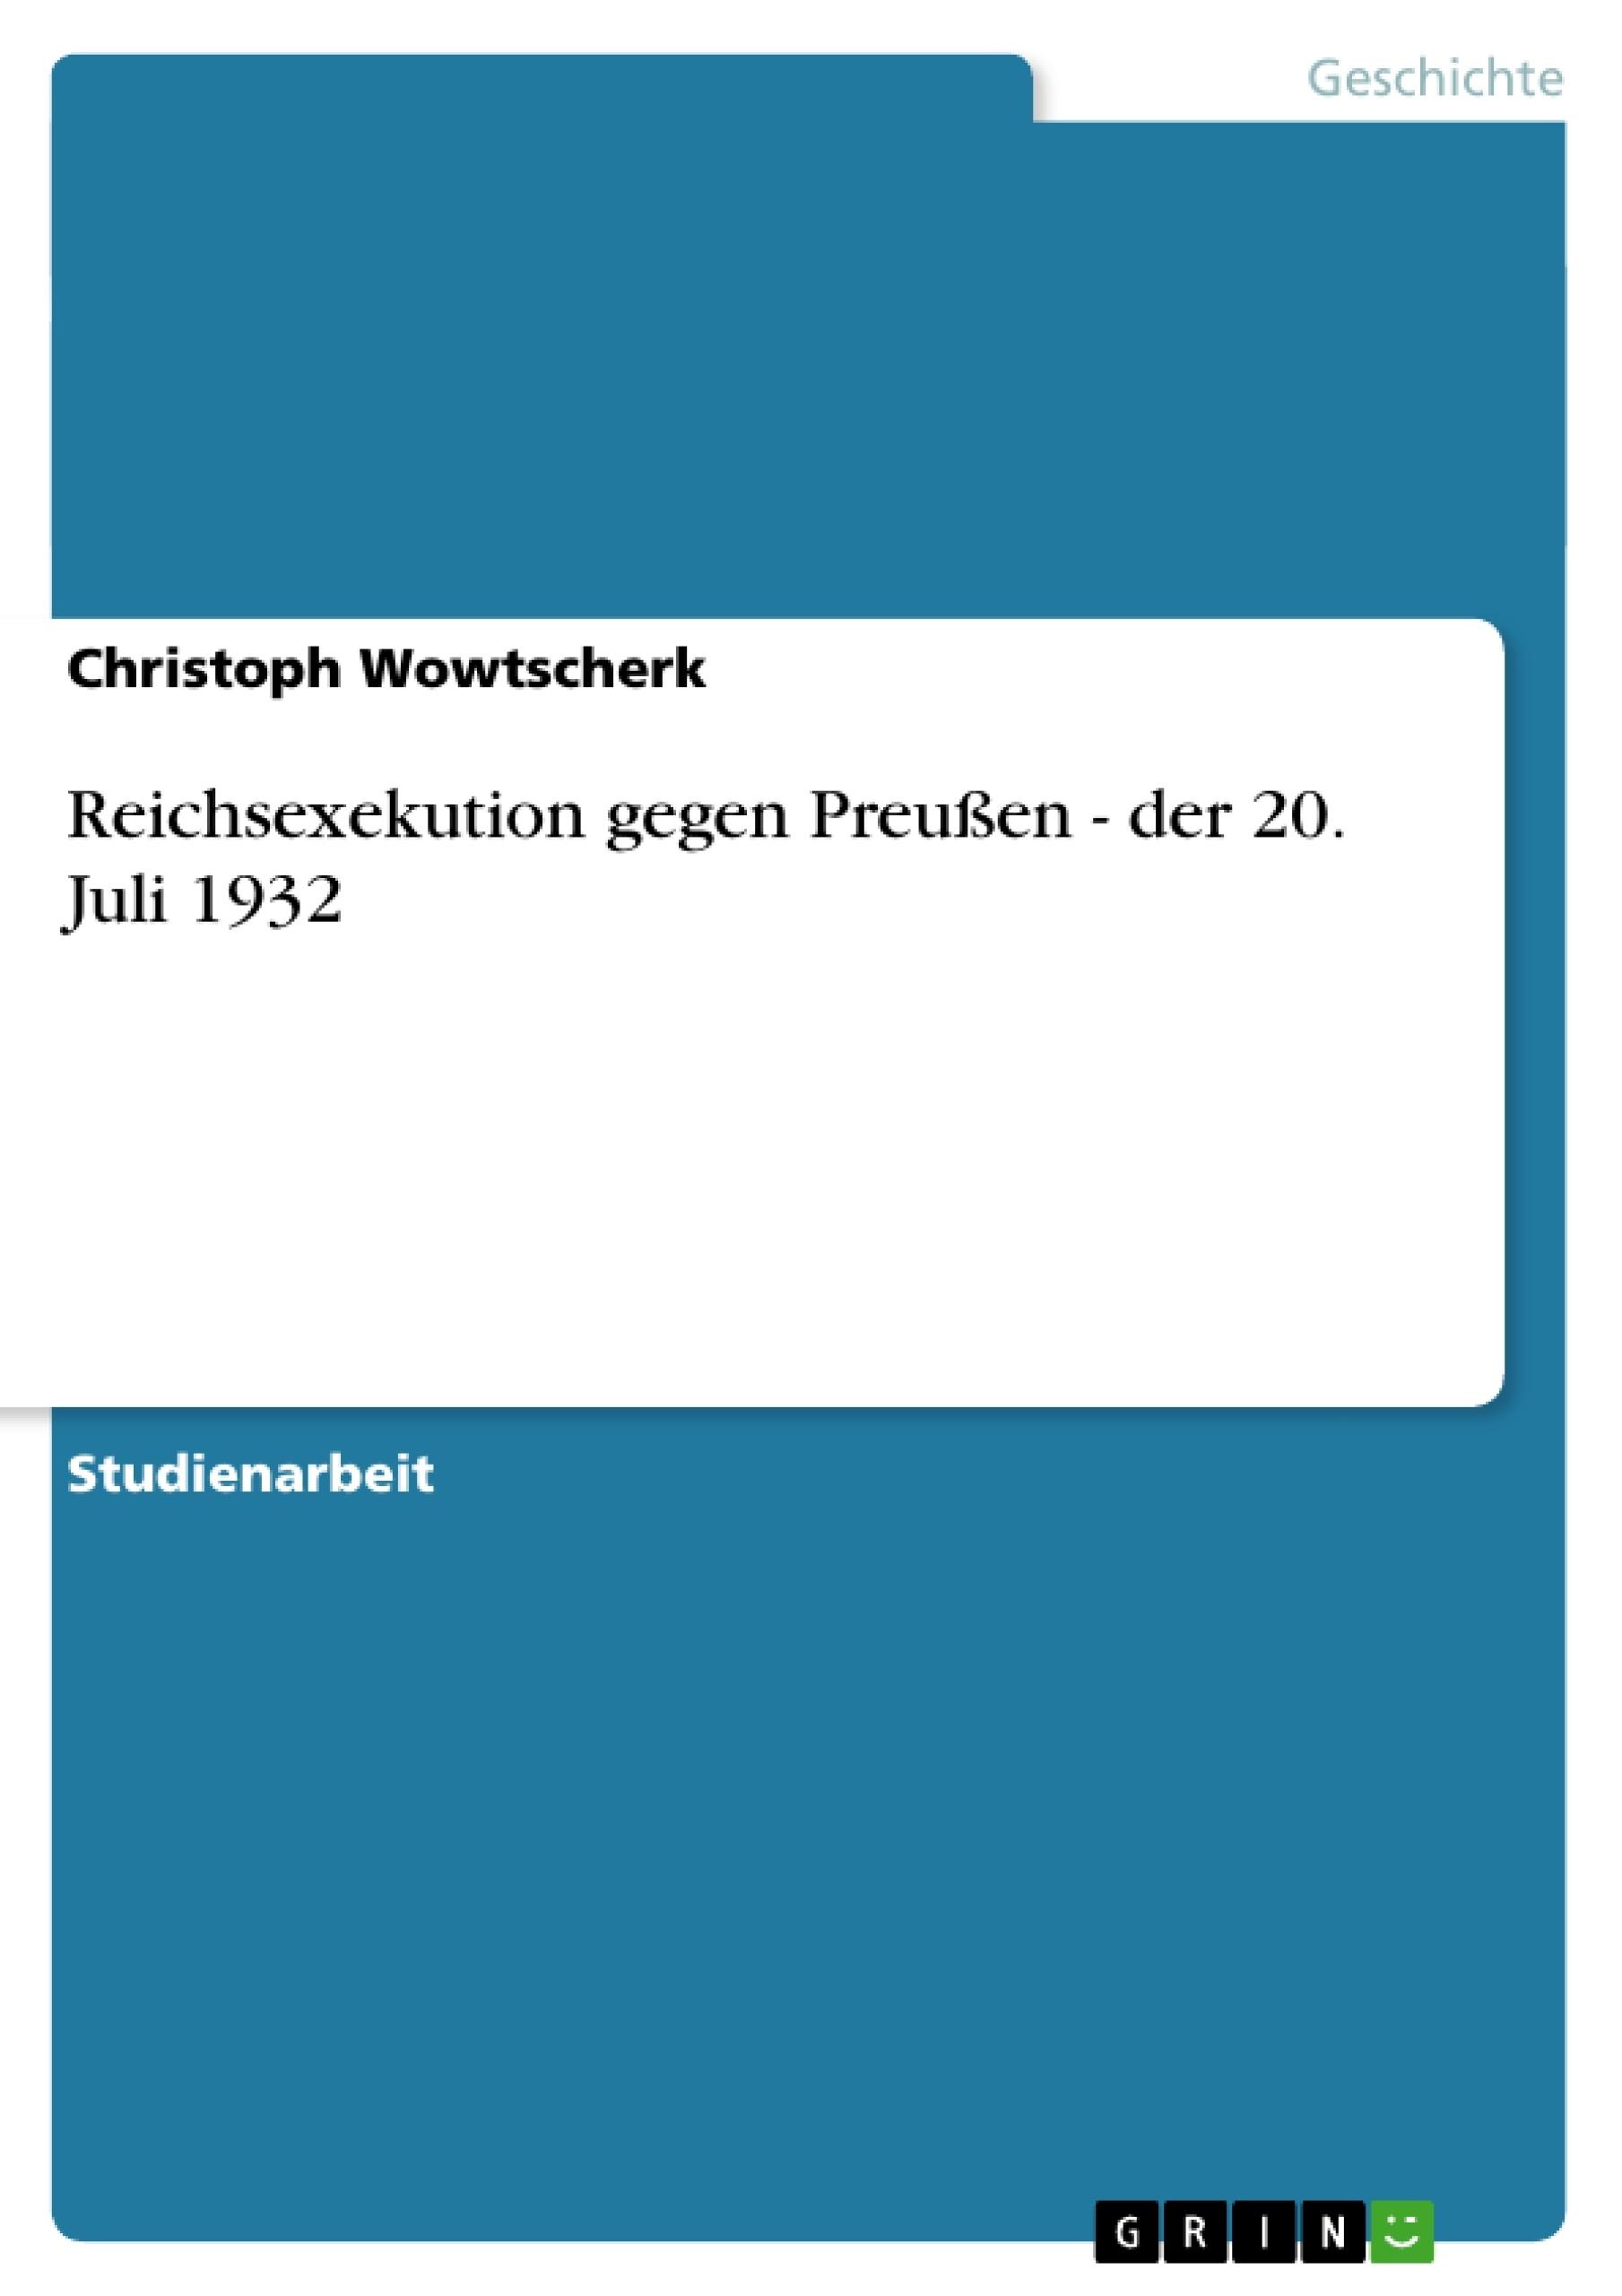 Titel: Reichsexekution gegen Preußen - der 20. Juli 1932